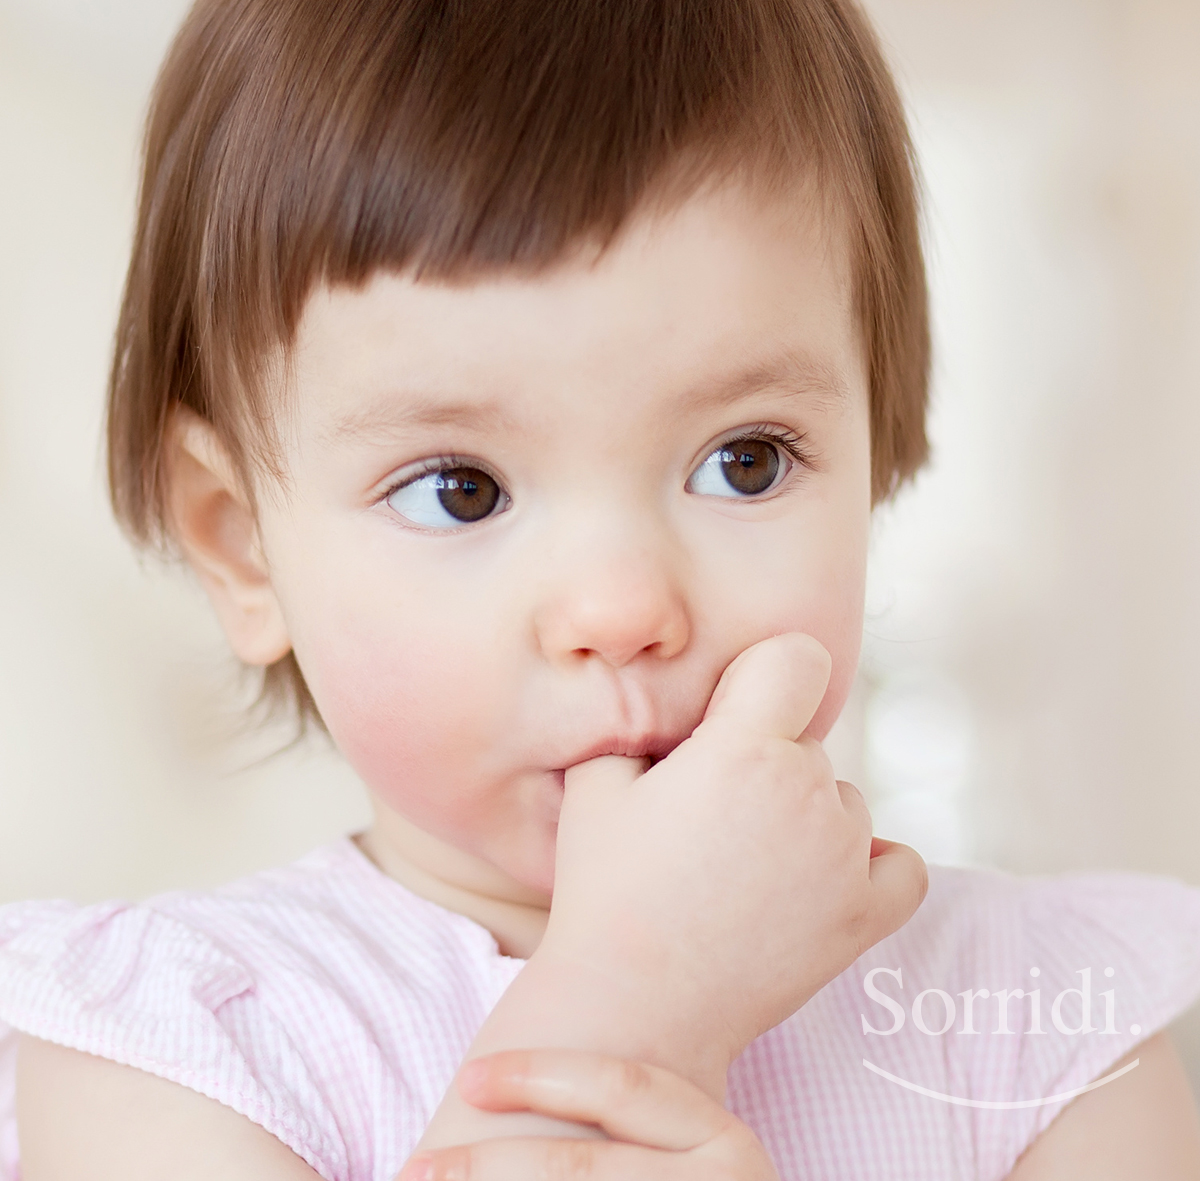 suzione-pollice-bambini-sorridi-ch-magazine-dentista-locarno